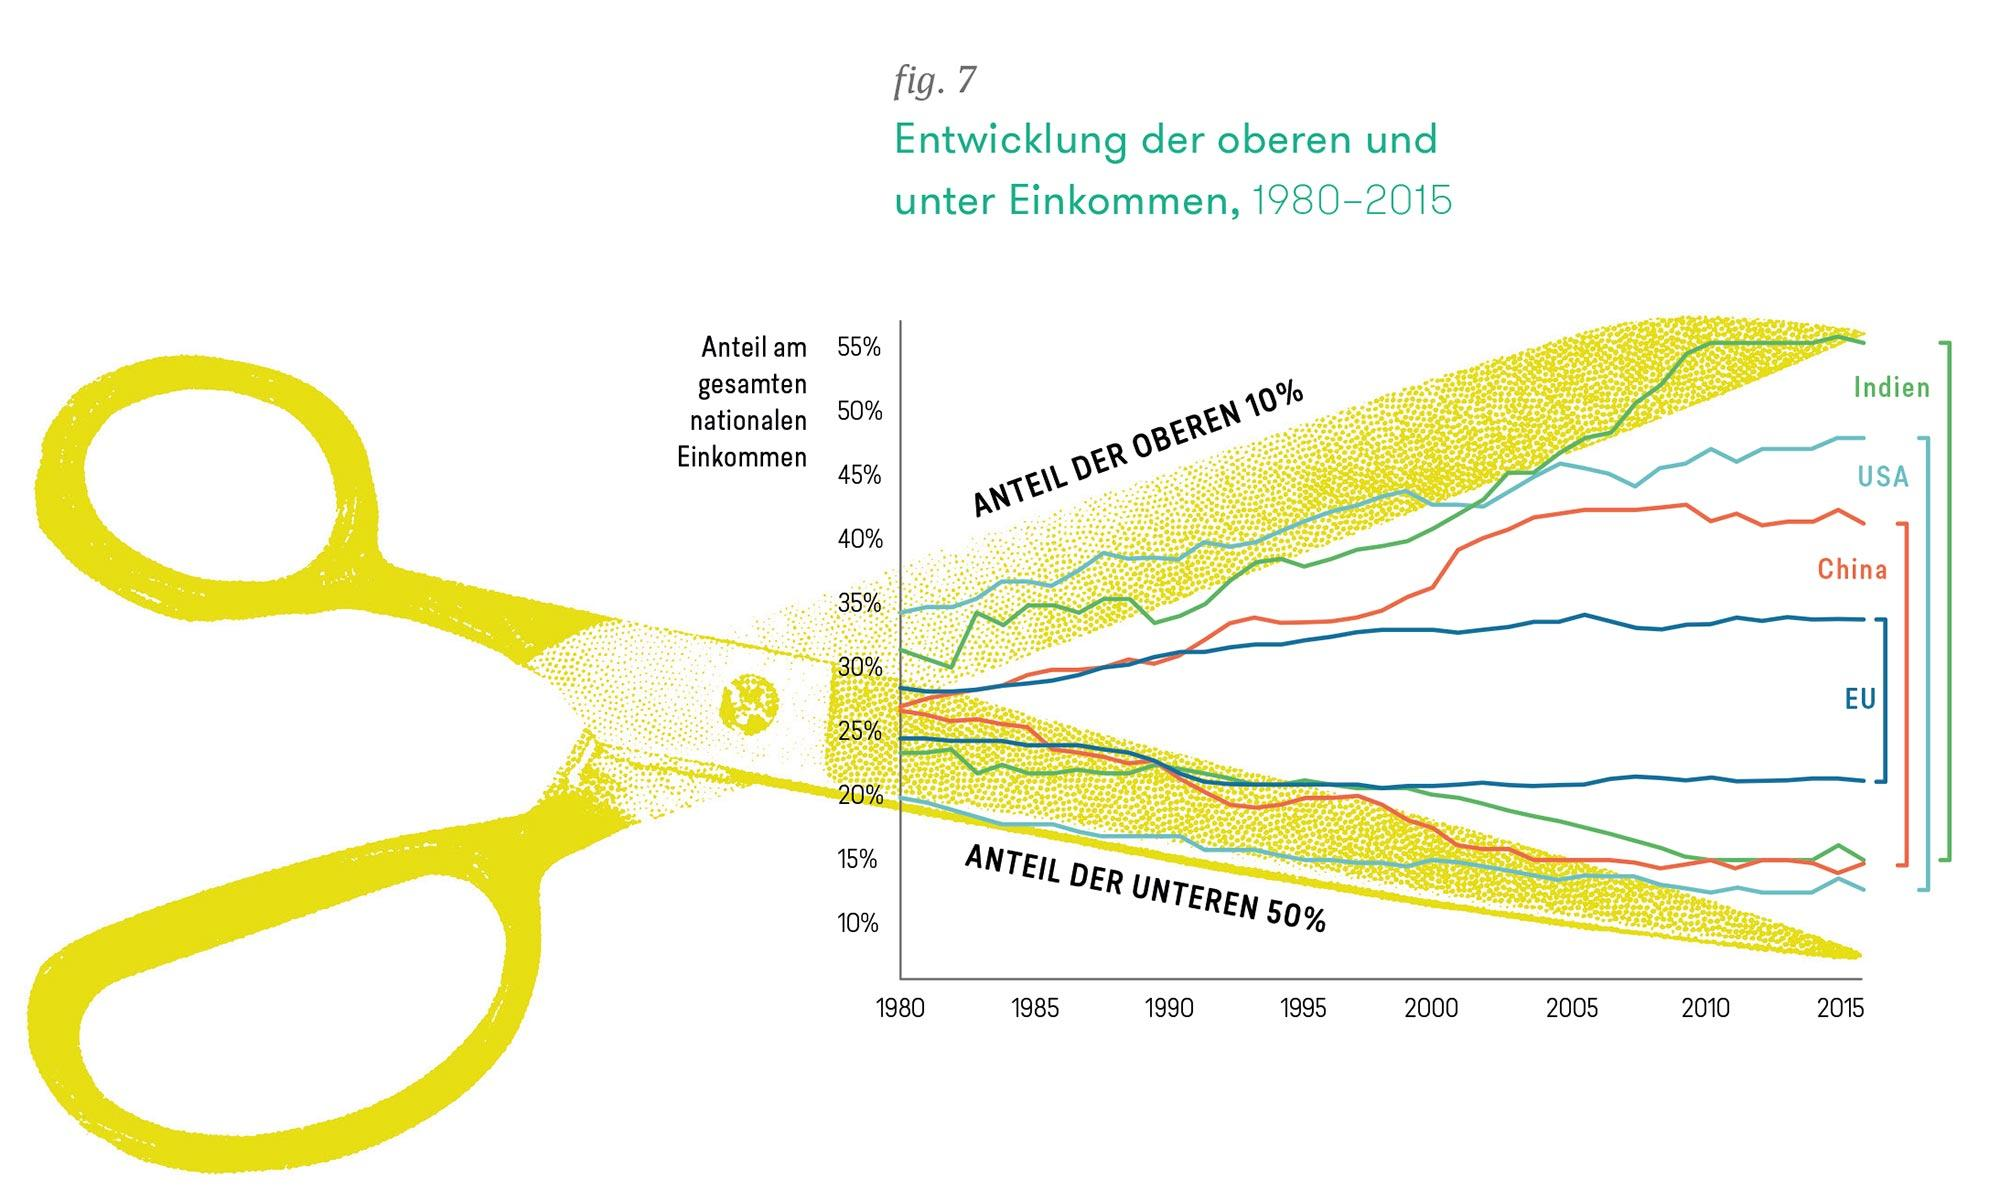 Entwicklung der oberen und unter Einkommen, 1980 – 2015